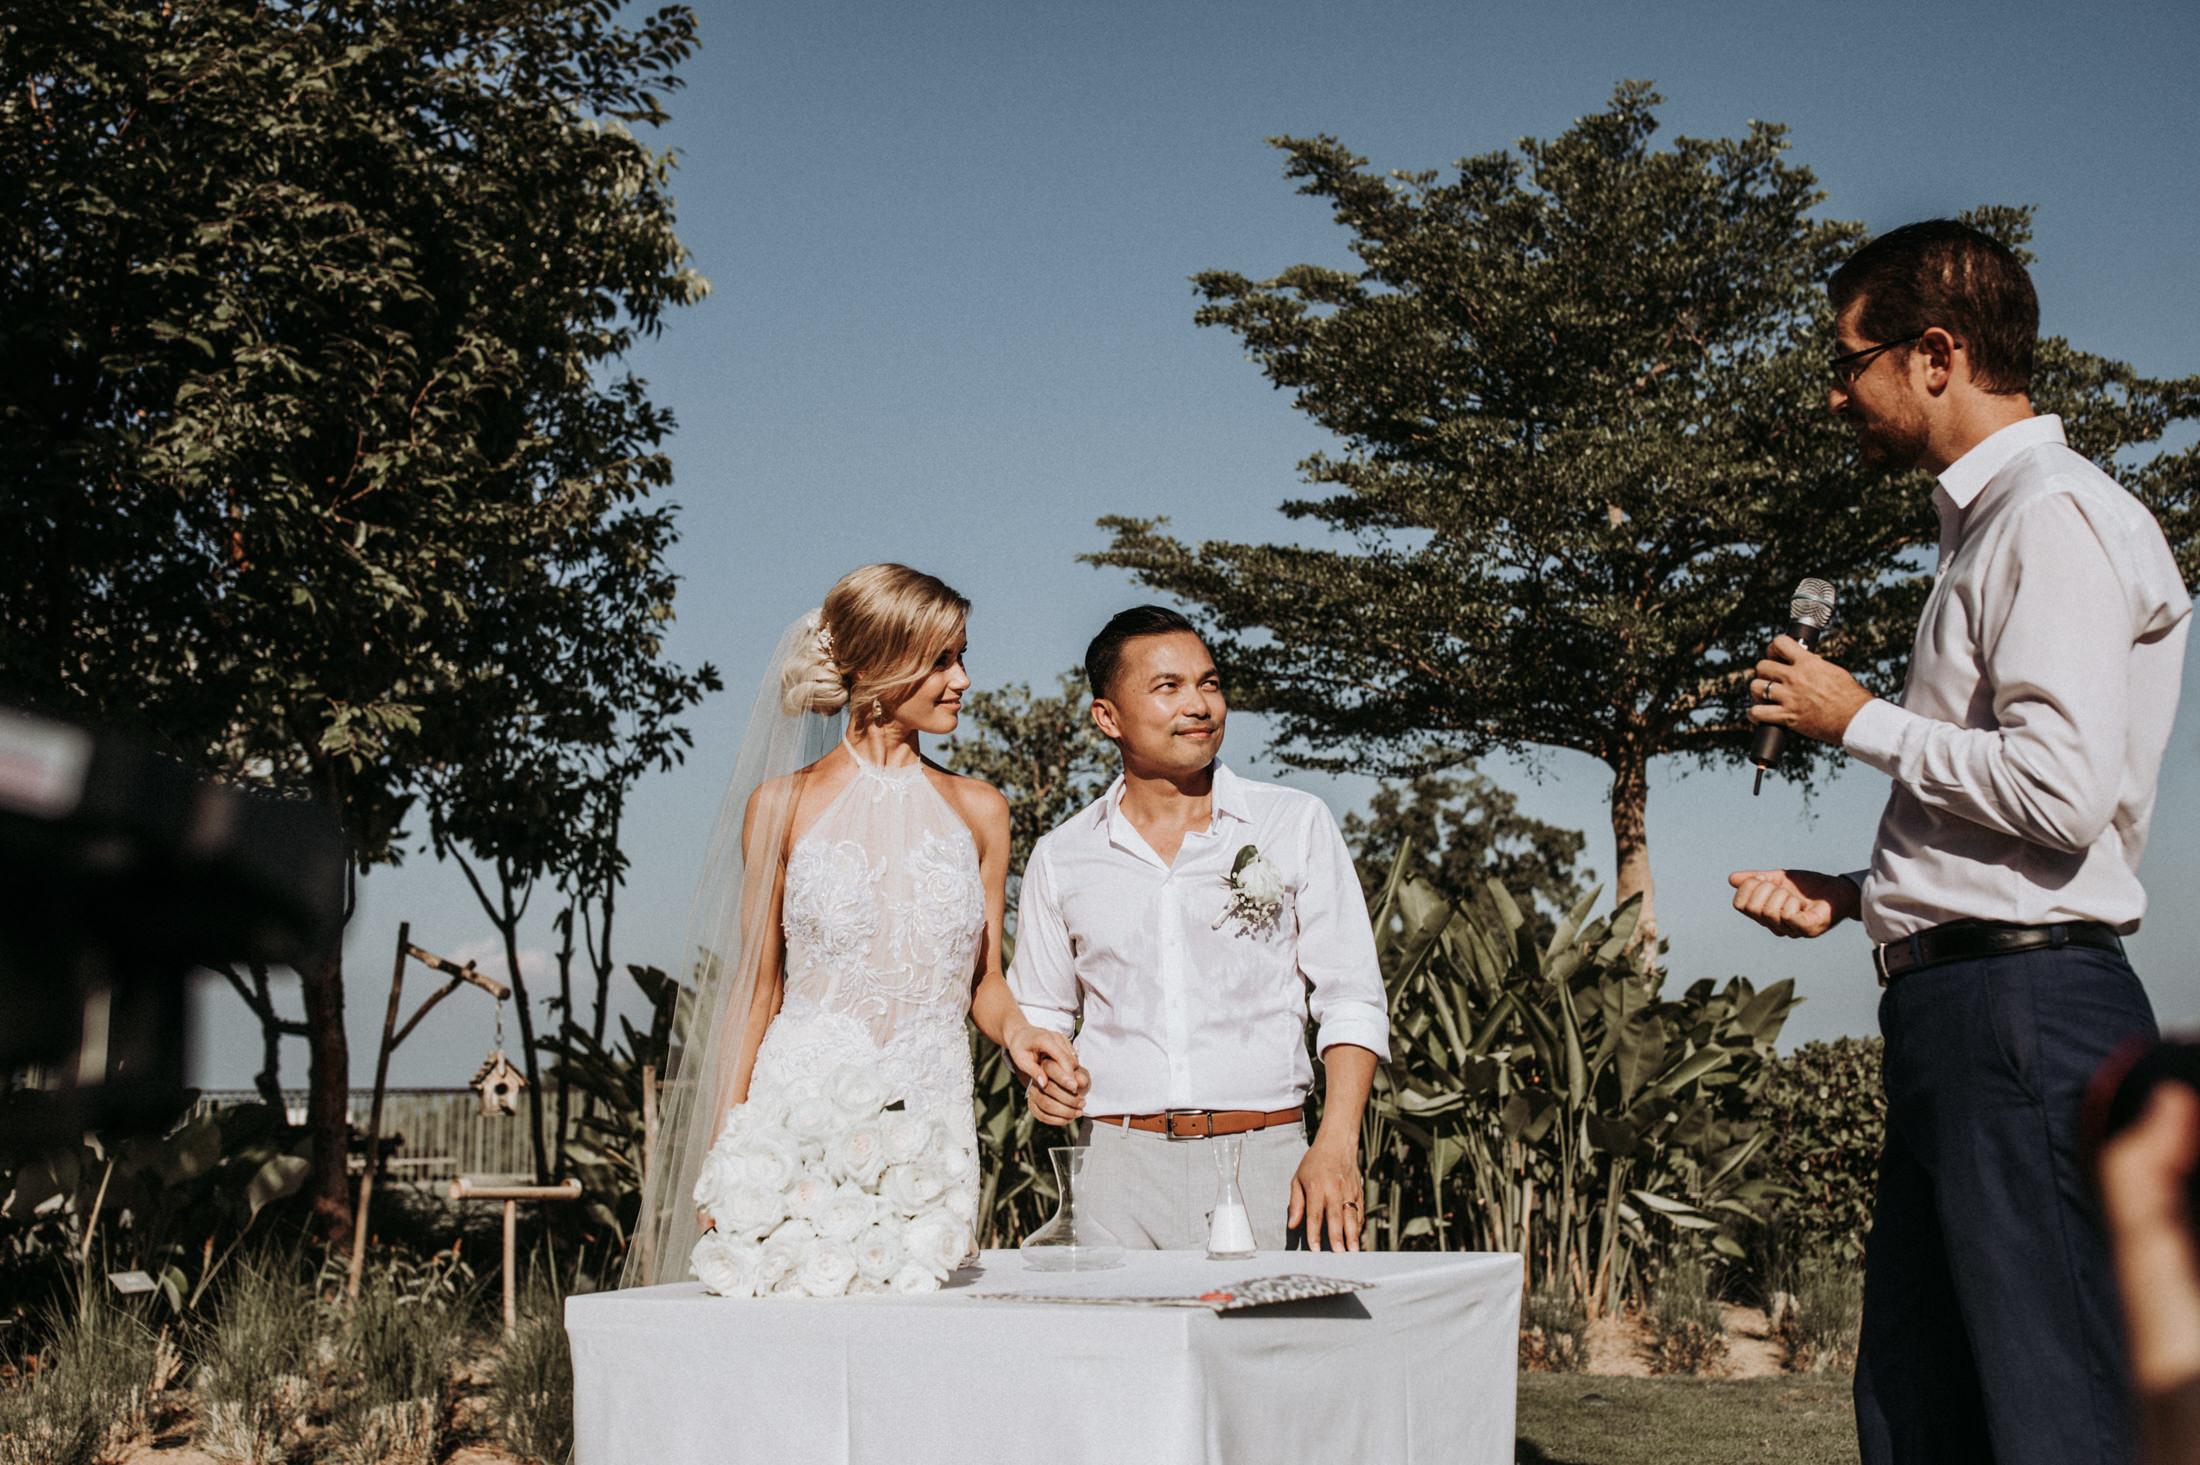 DanielaMarquardt_Wedding_Thailand_254